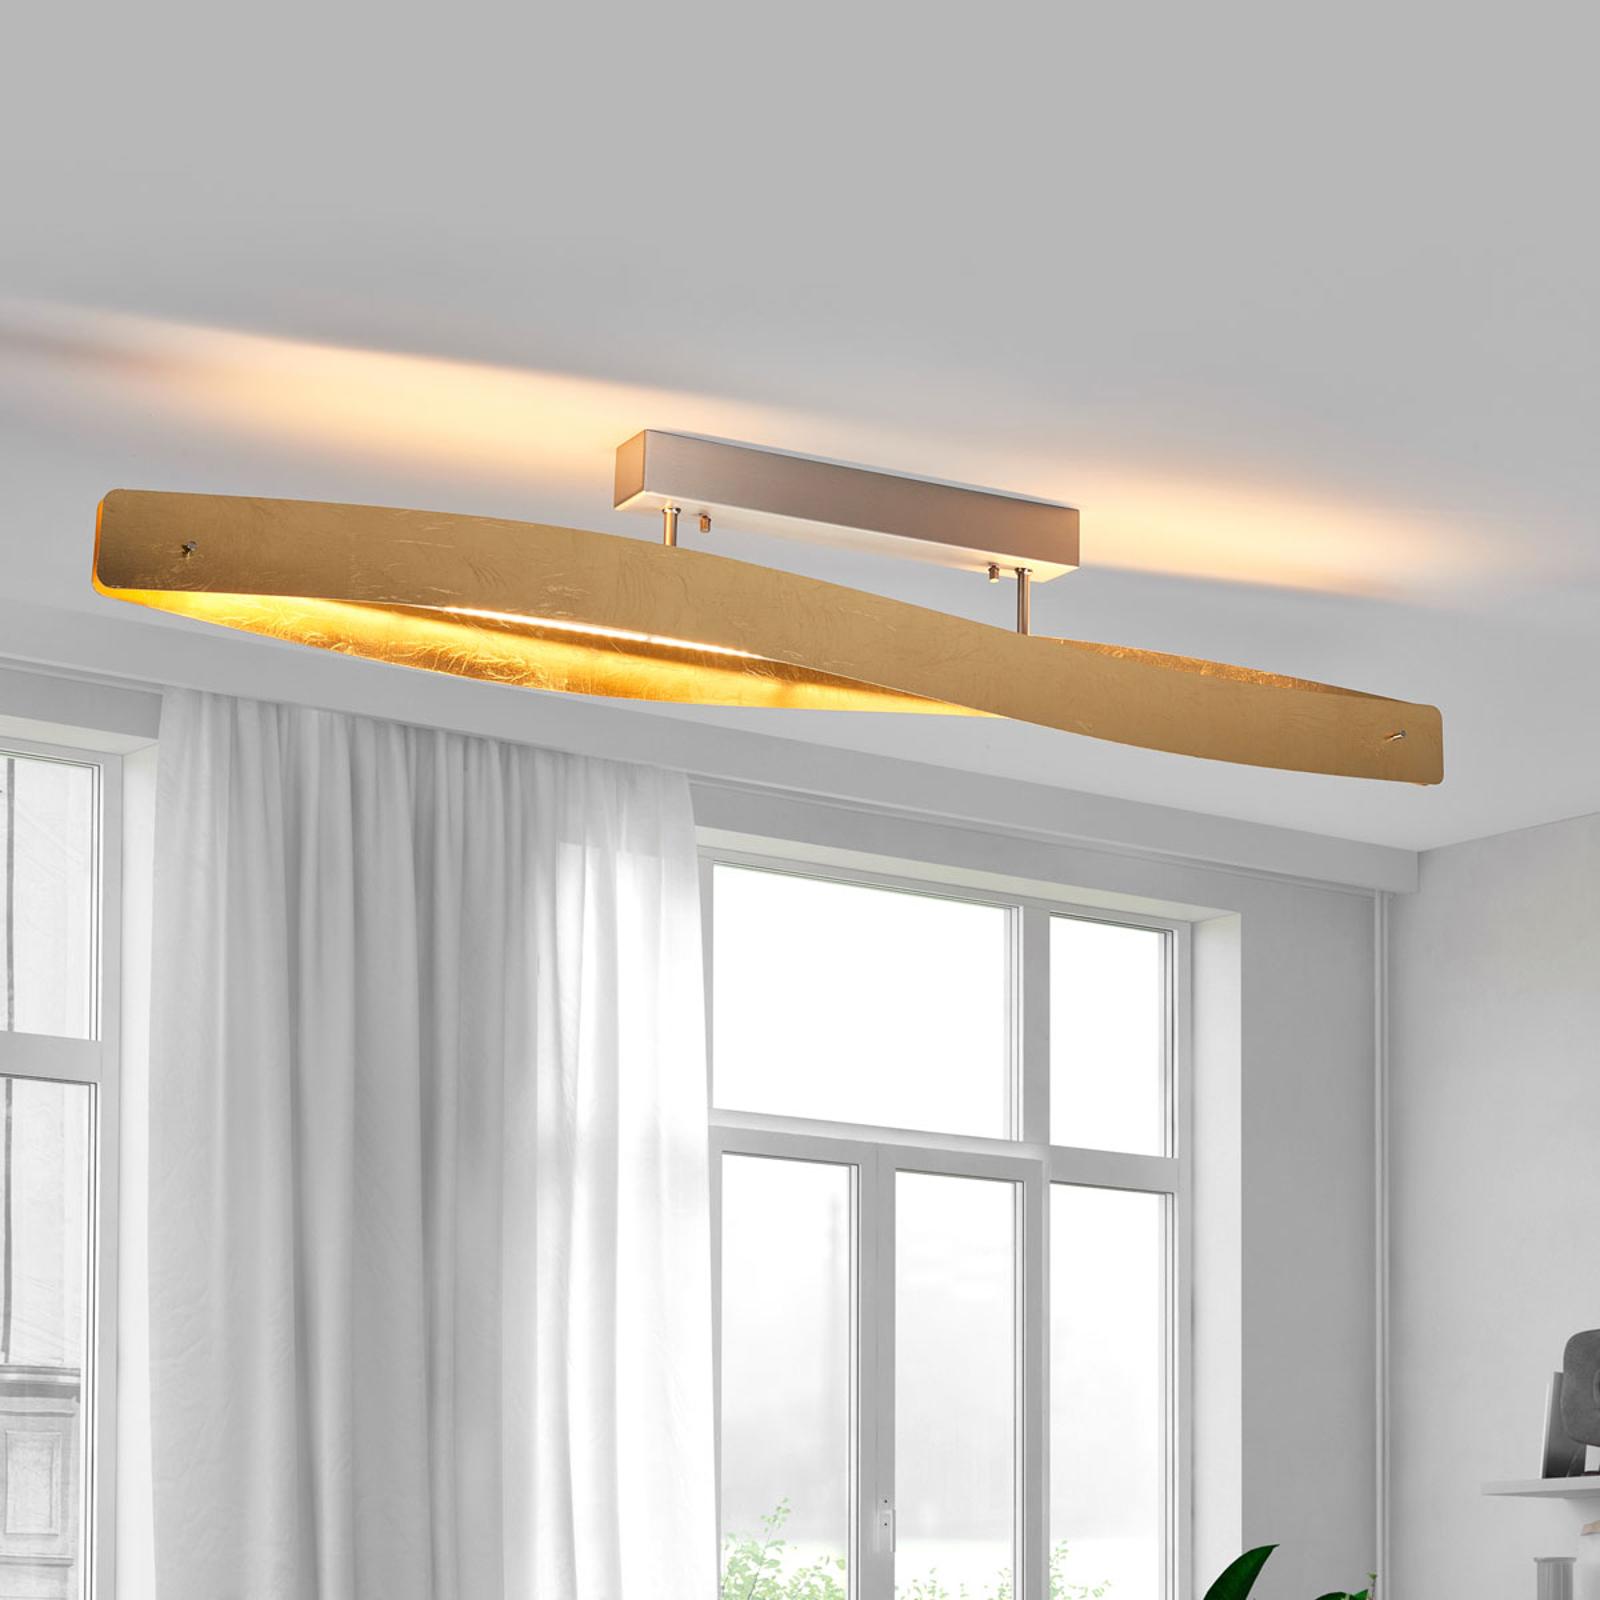 Acquista Lampada LED da soffitto finitura dorata a foglia